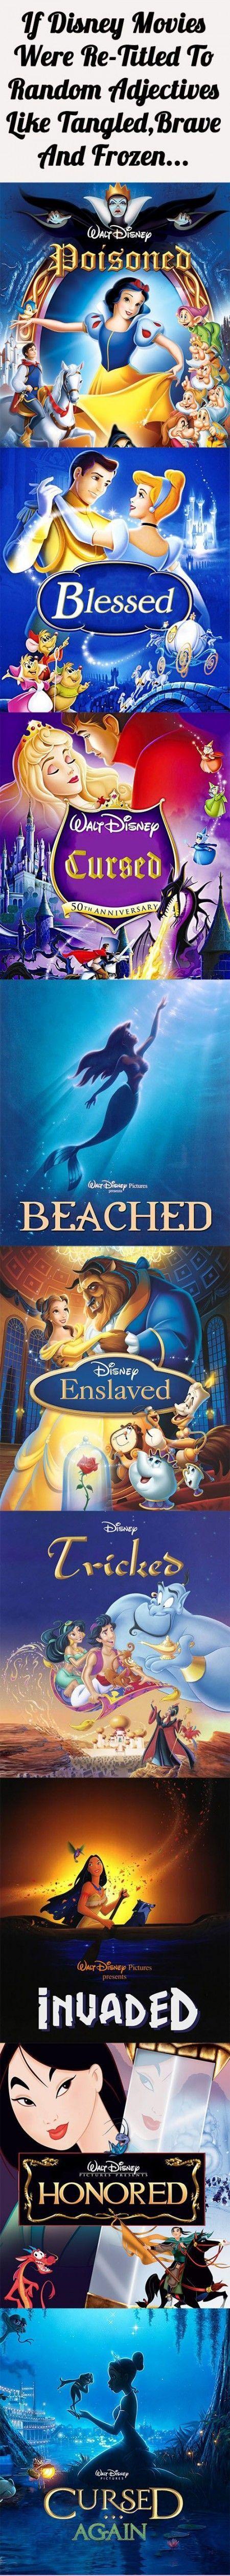 Disney and their random adjectives...